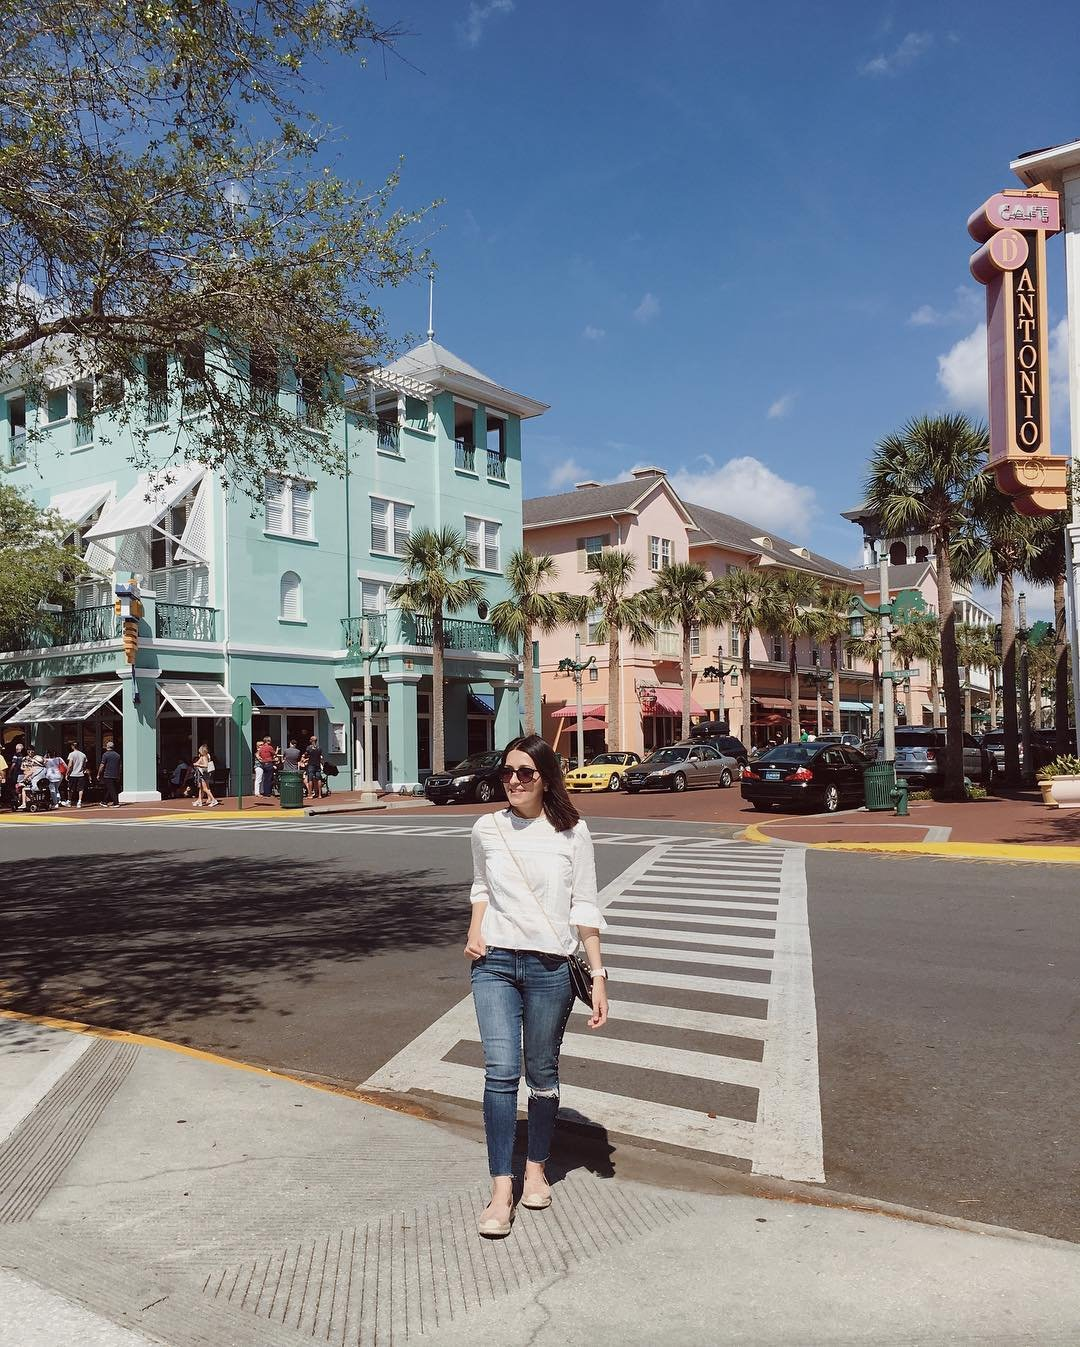 A woman walks through Downtown Celebration